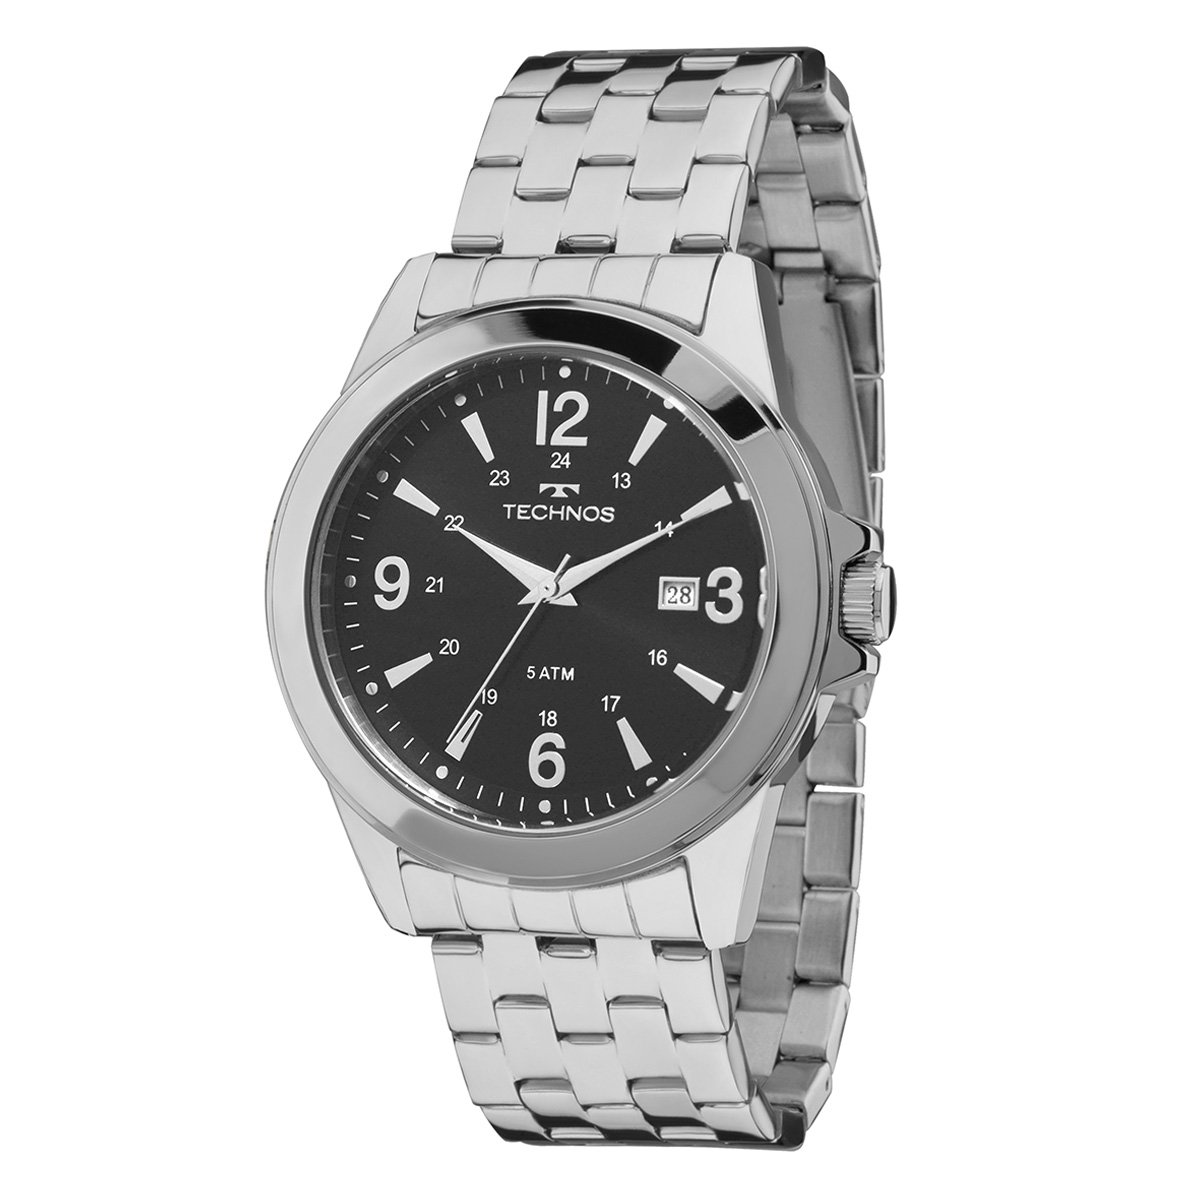 1a7cf78f906 Relógio Technos Masculino 2115LAB1P - Compre Agora